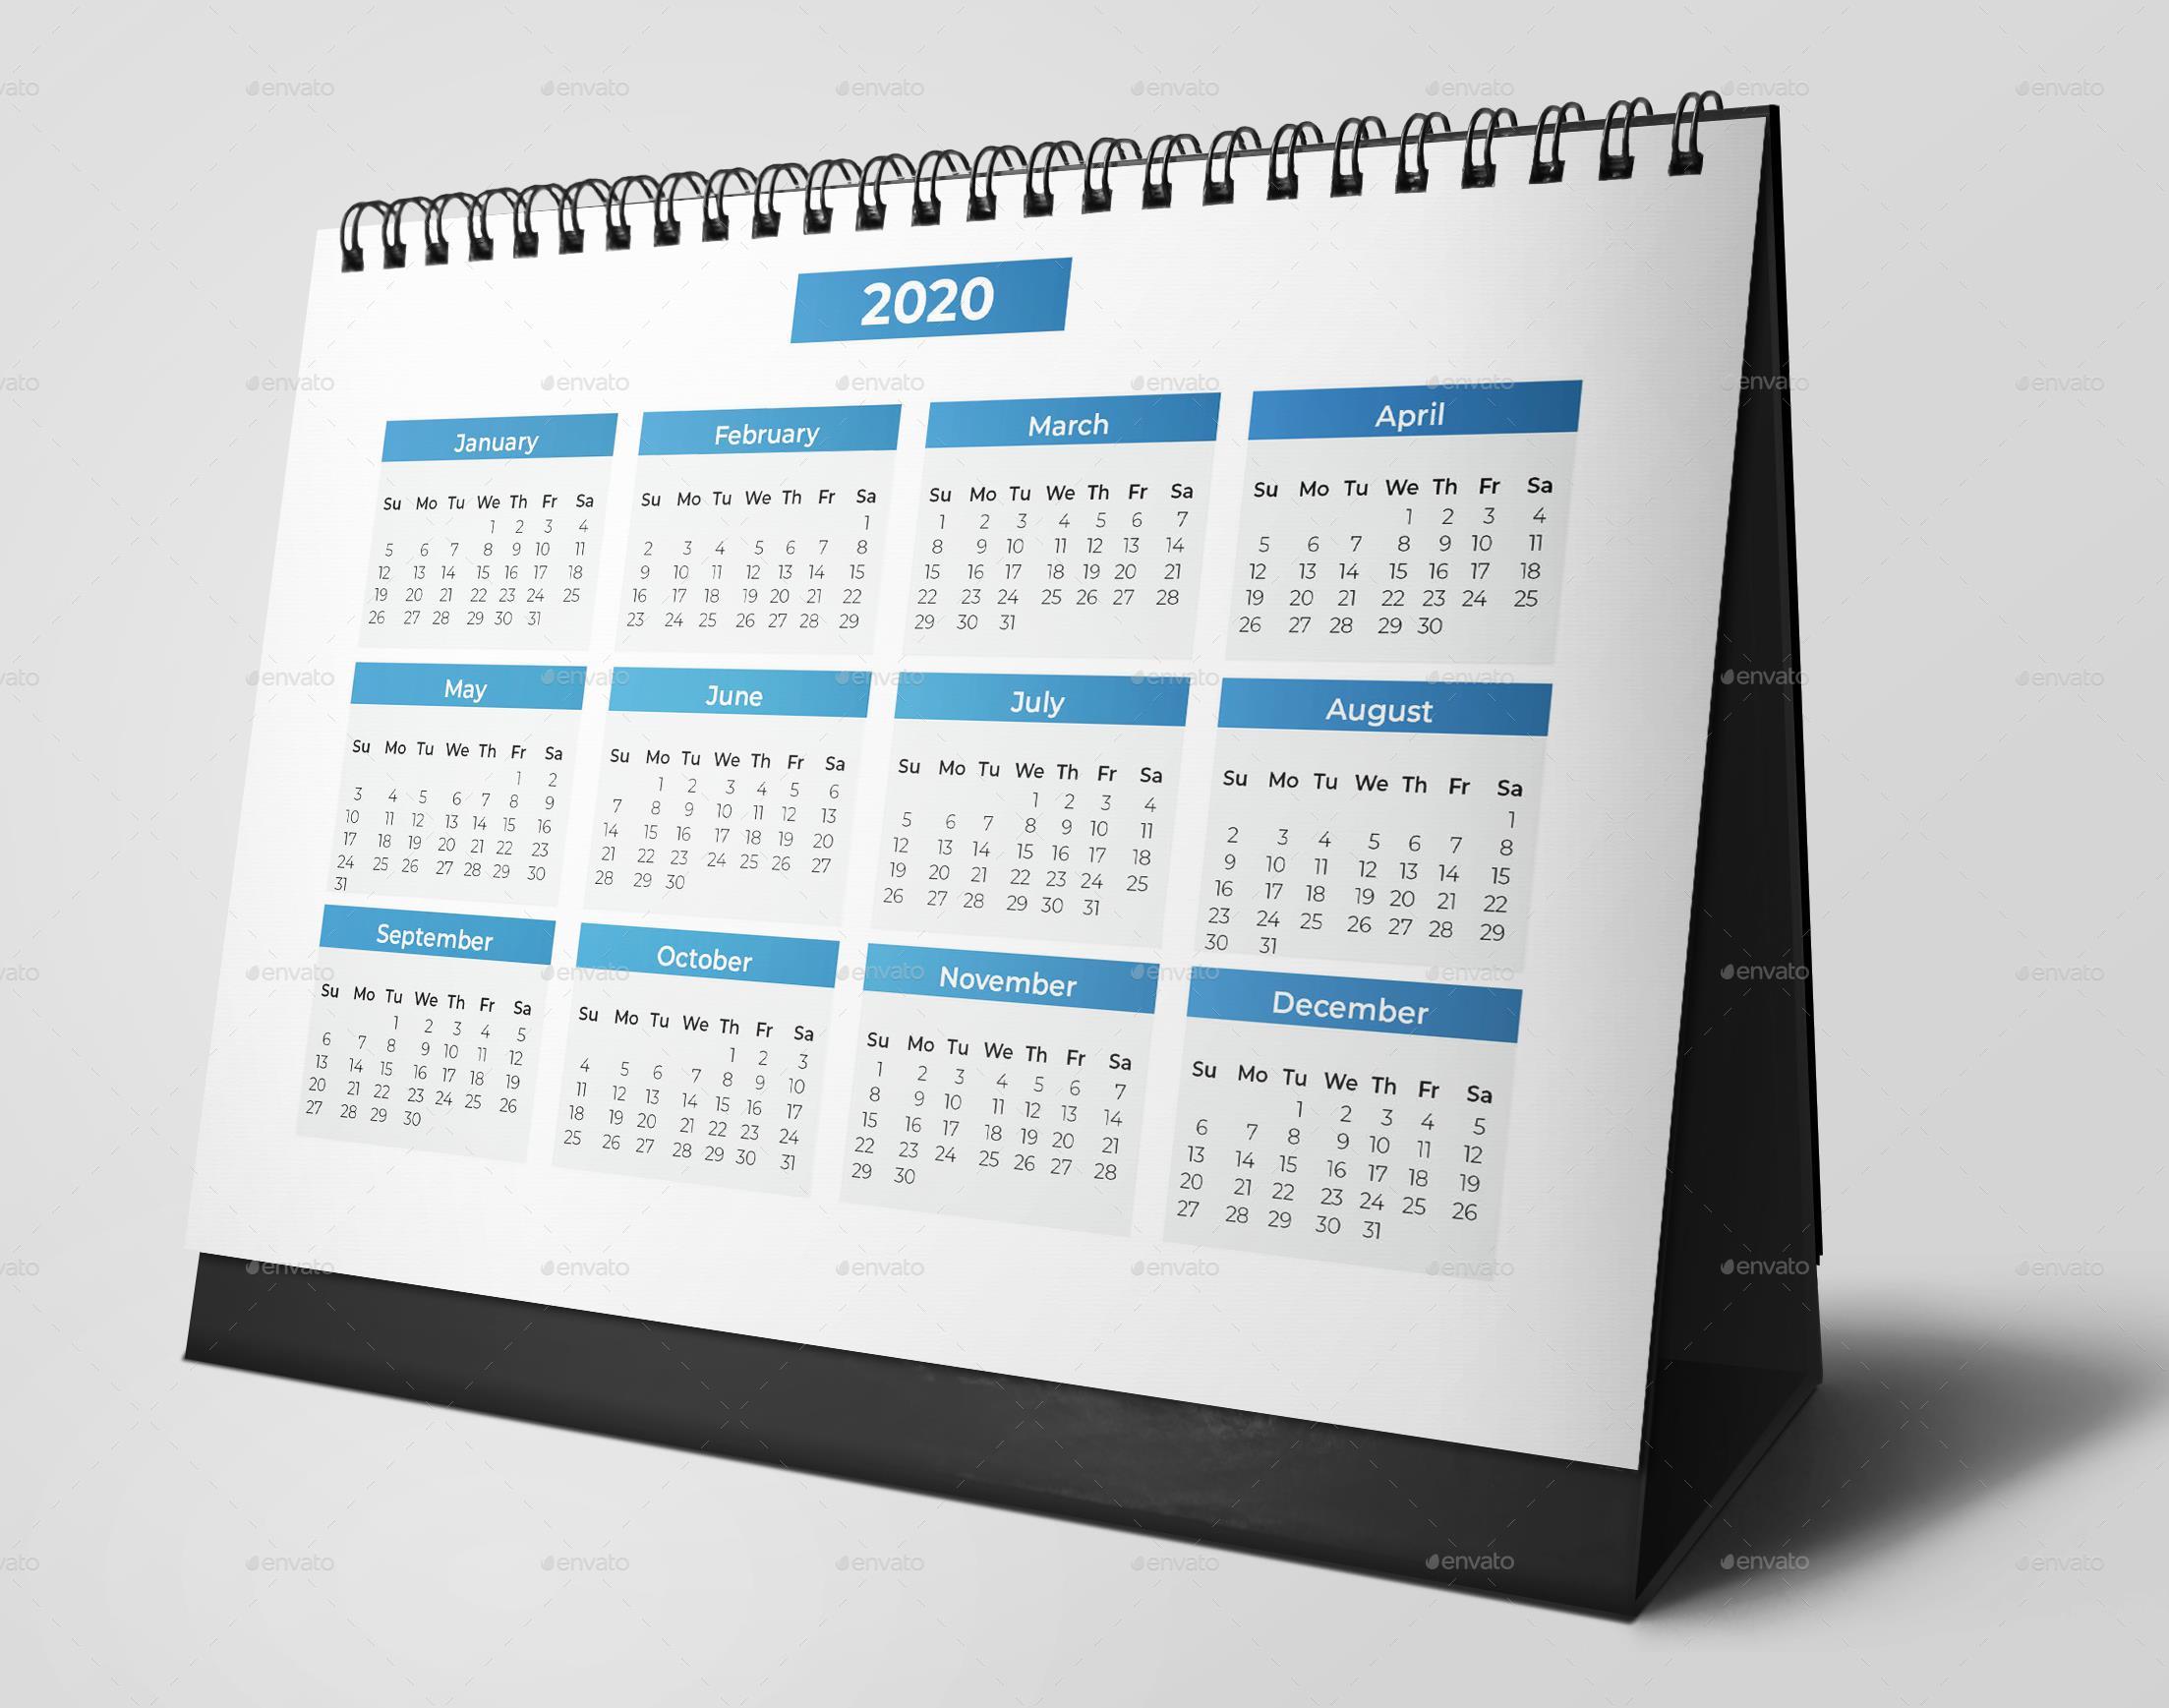 Template Kalender Meja 2020 Psd - Contoh Gambar Template